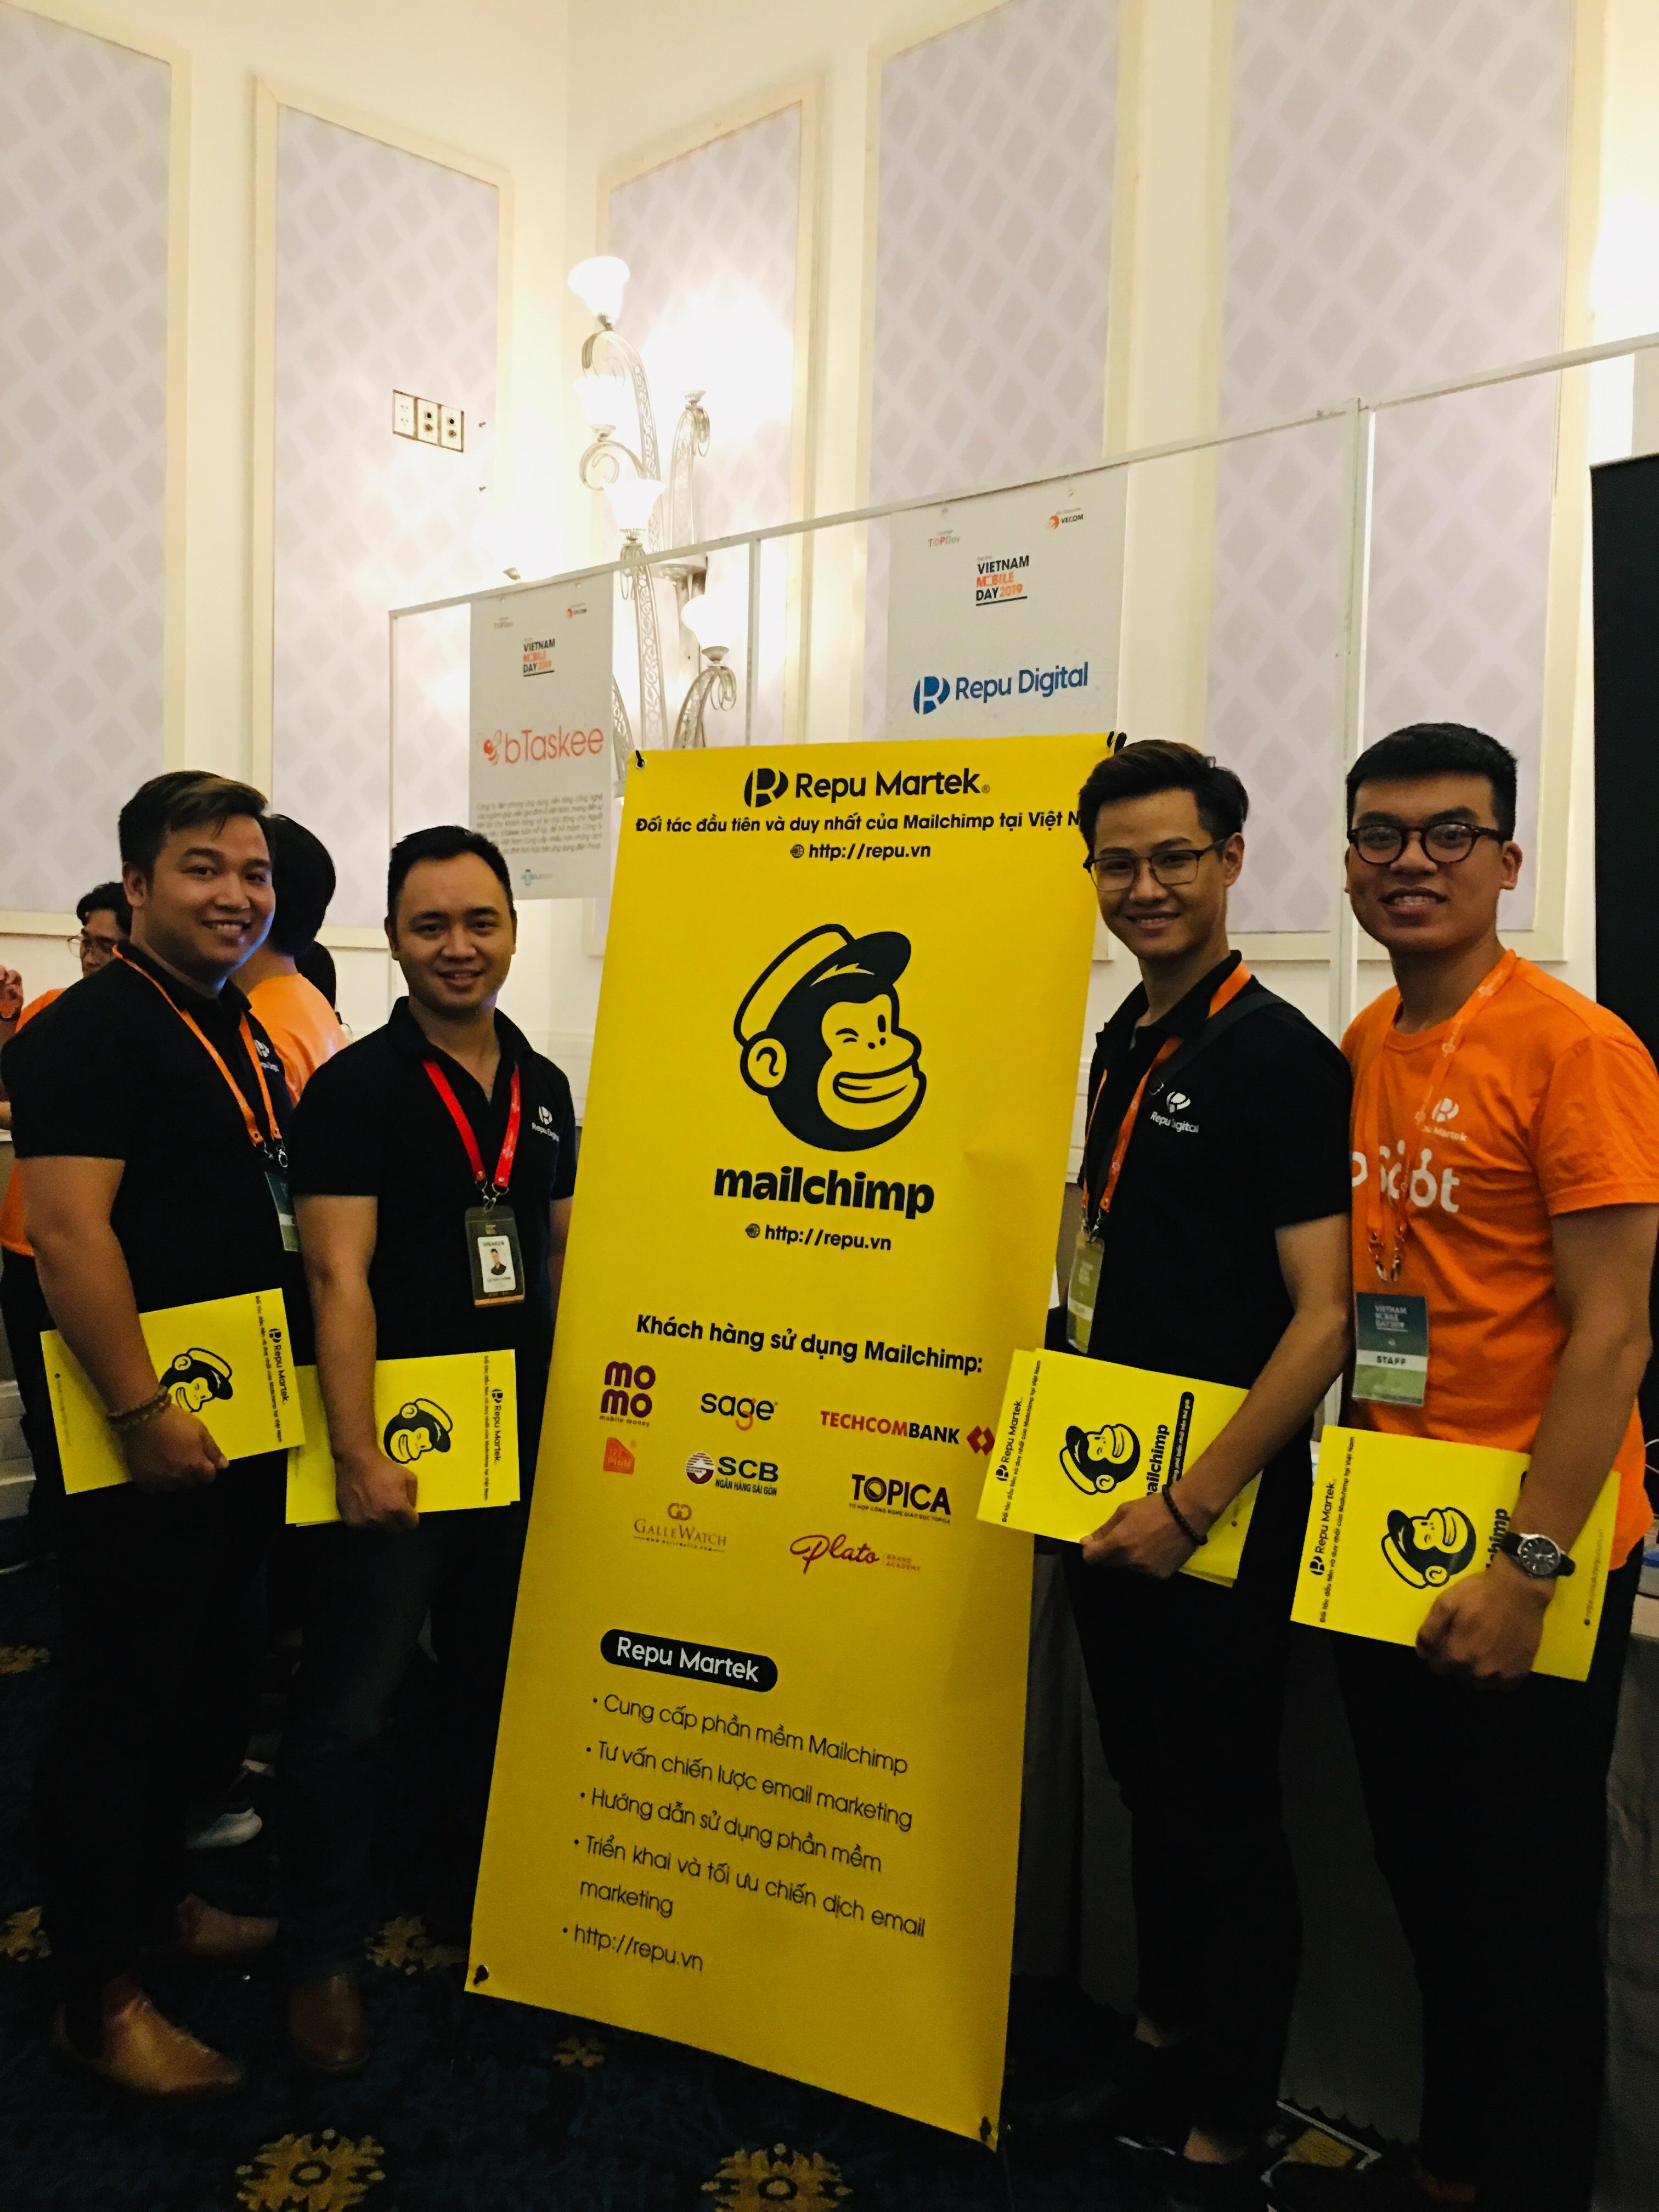 Mailchimp và Repu Digital tại Vietnam Mobile Day 2019 - Ảnh 01